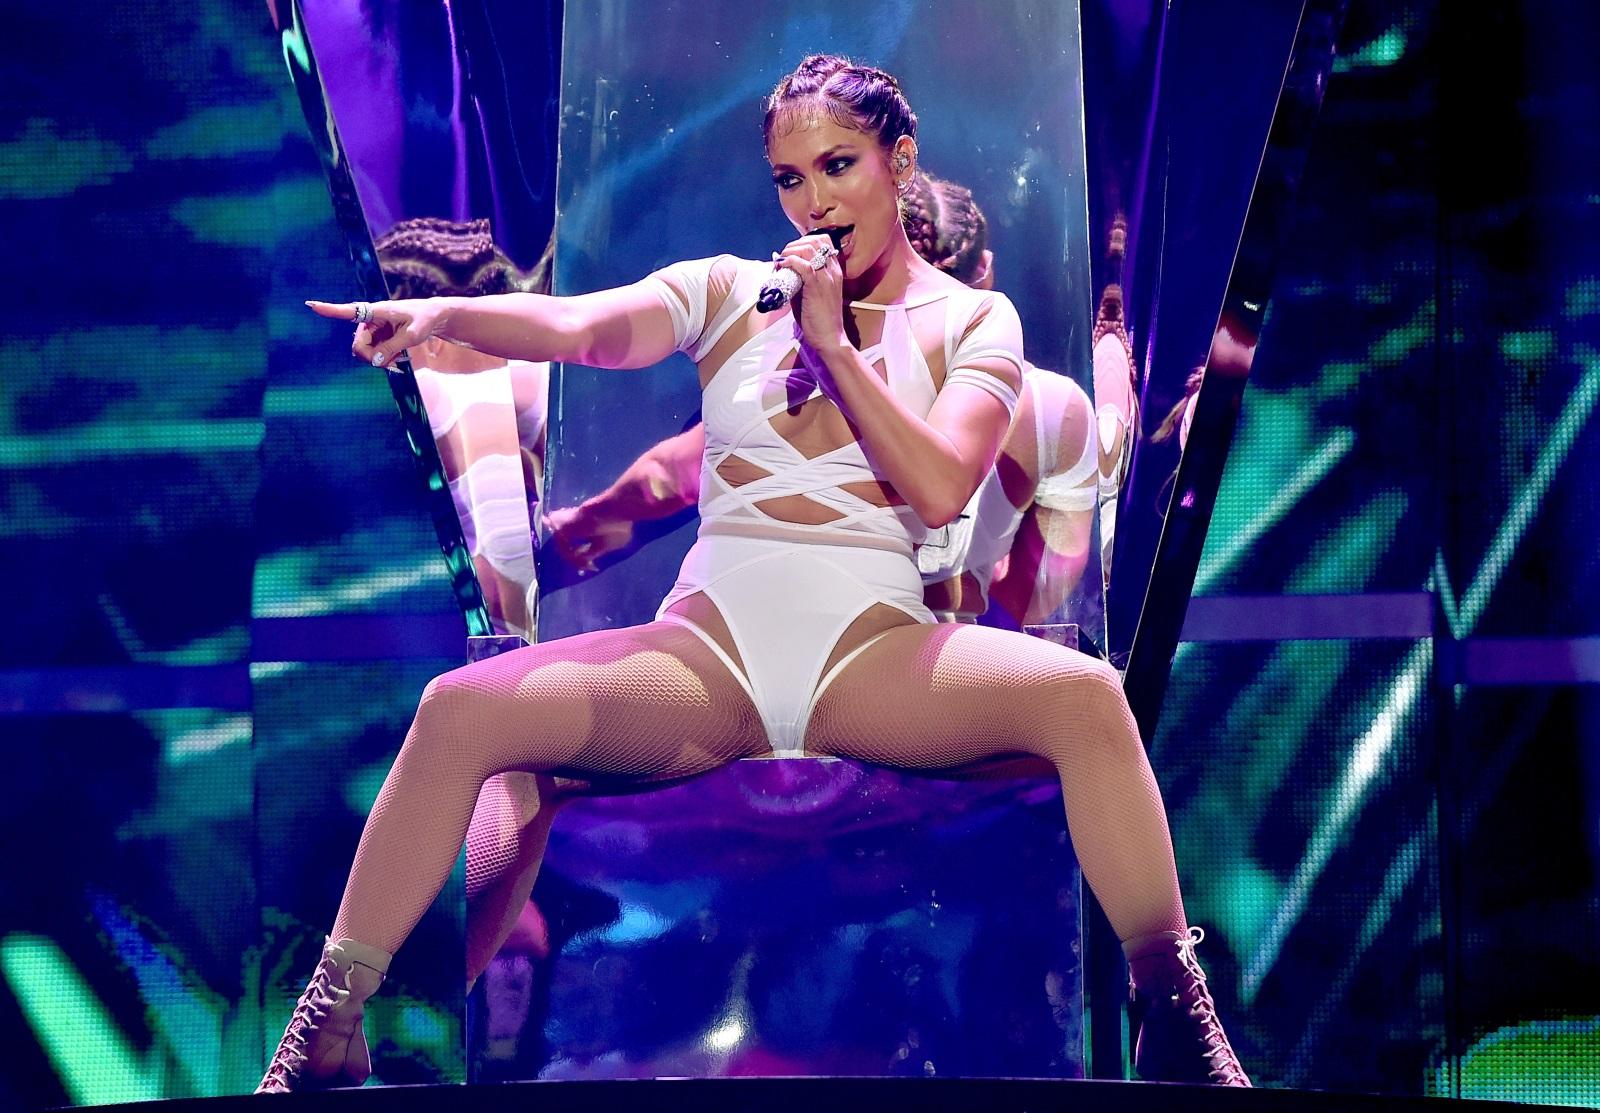 Една от най-големите изненади на 2019 е юбилеят на Дженифър Лопес. Актриса, певица, танцьорка и майка, тя е пример за това, че може да надвиеш времето. Джей Ло ще стане на 50 на 24 юли и ще пръдължава да изглежда така, както и днес - невероятно.